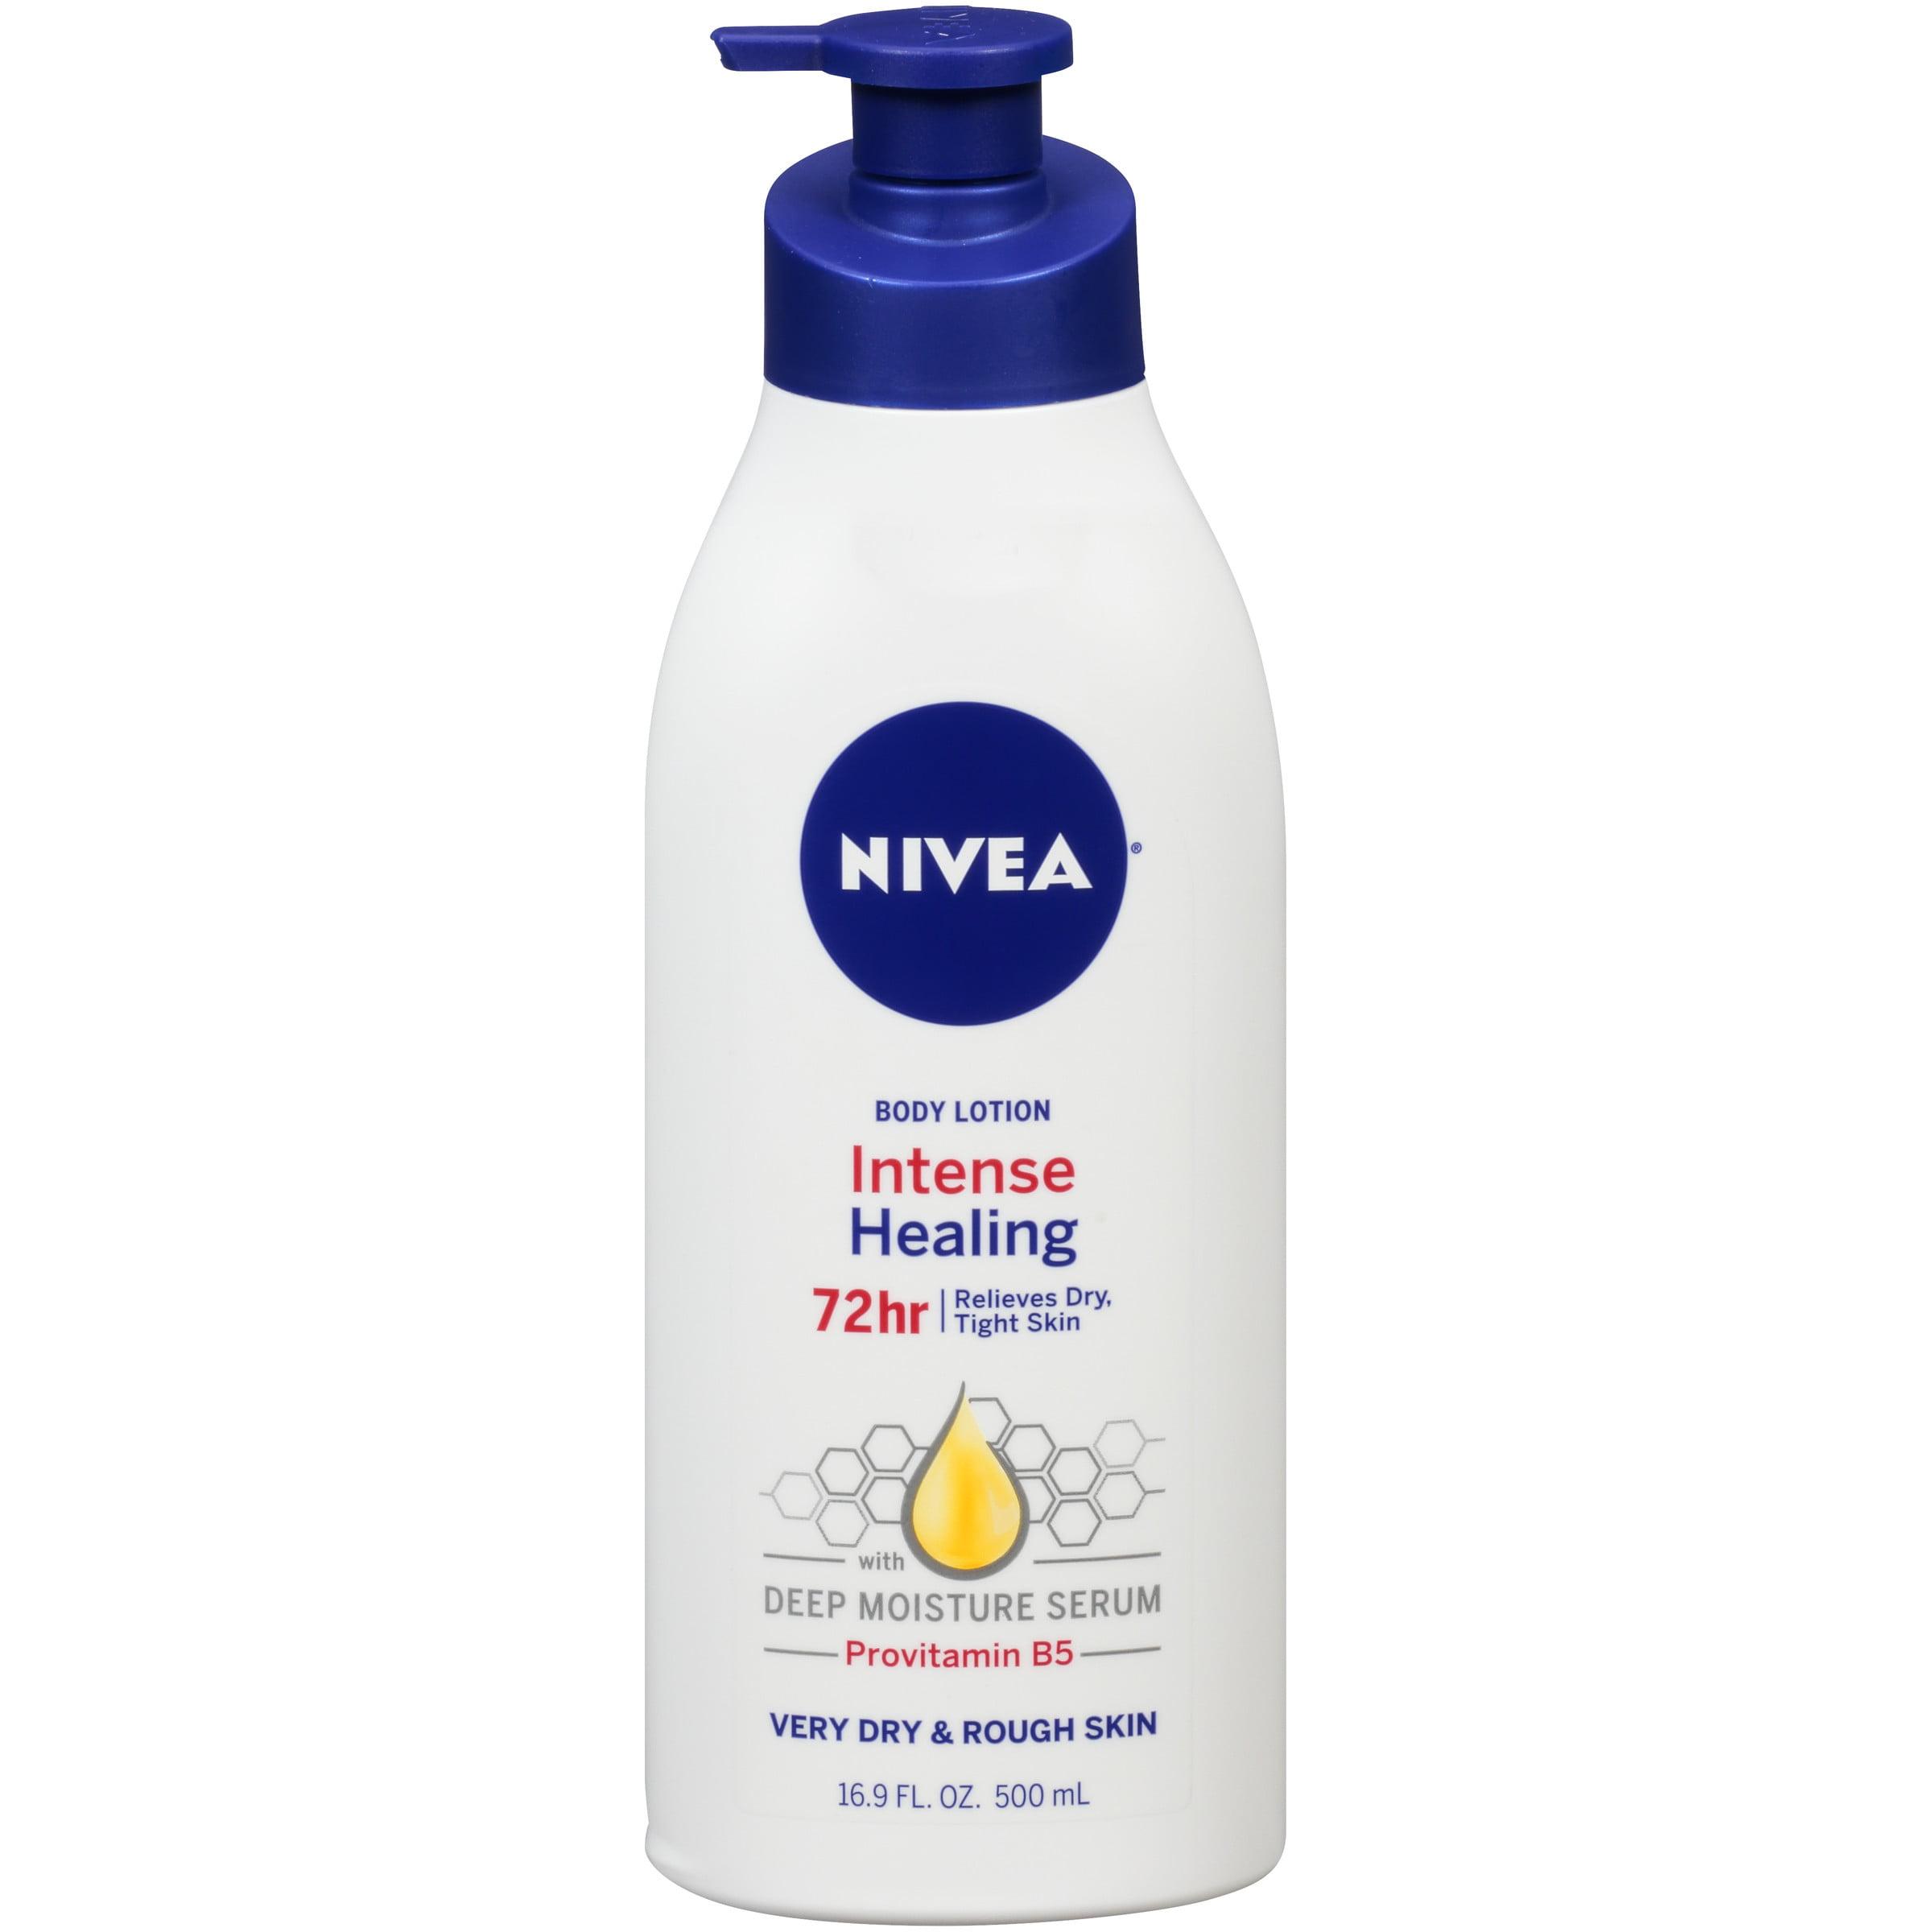 NIVEA® Intense Healing Body Lotion 16.9 fl. oz. Pump